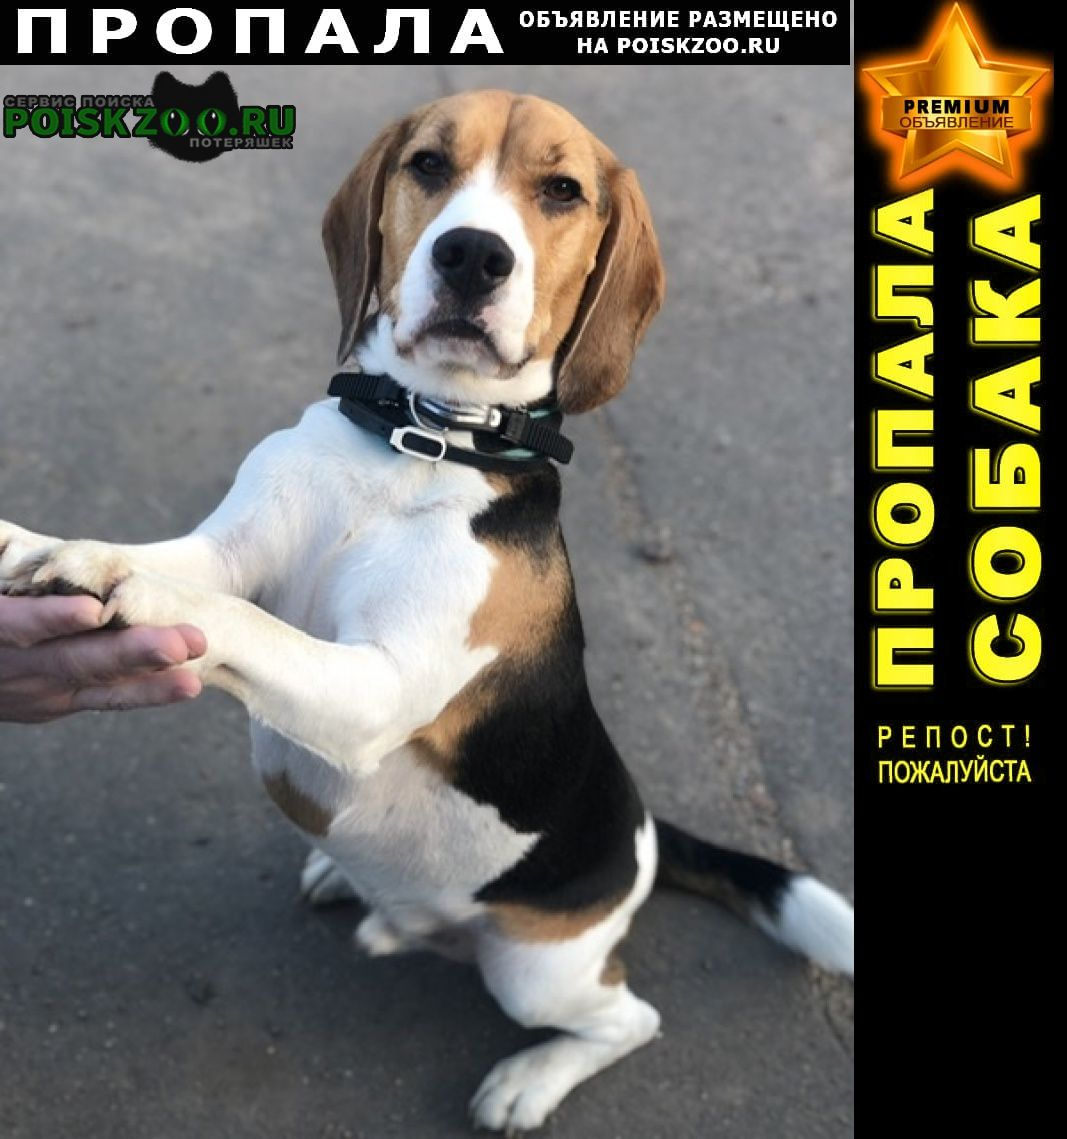 Пропала собака кобель возможно попал под машину Луга